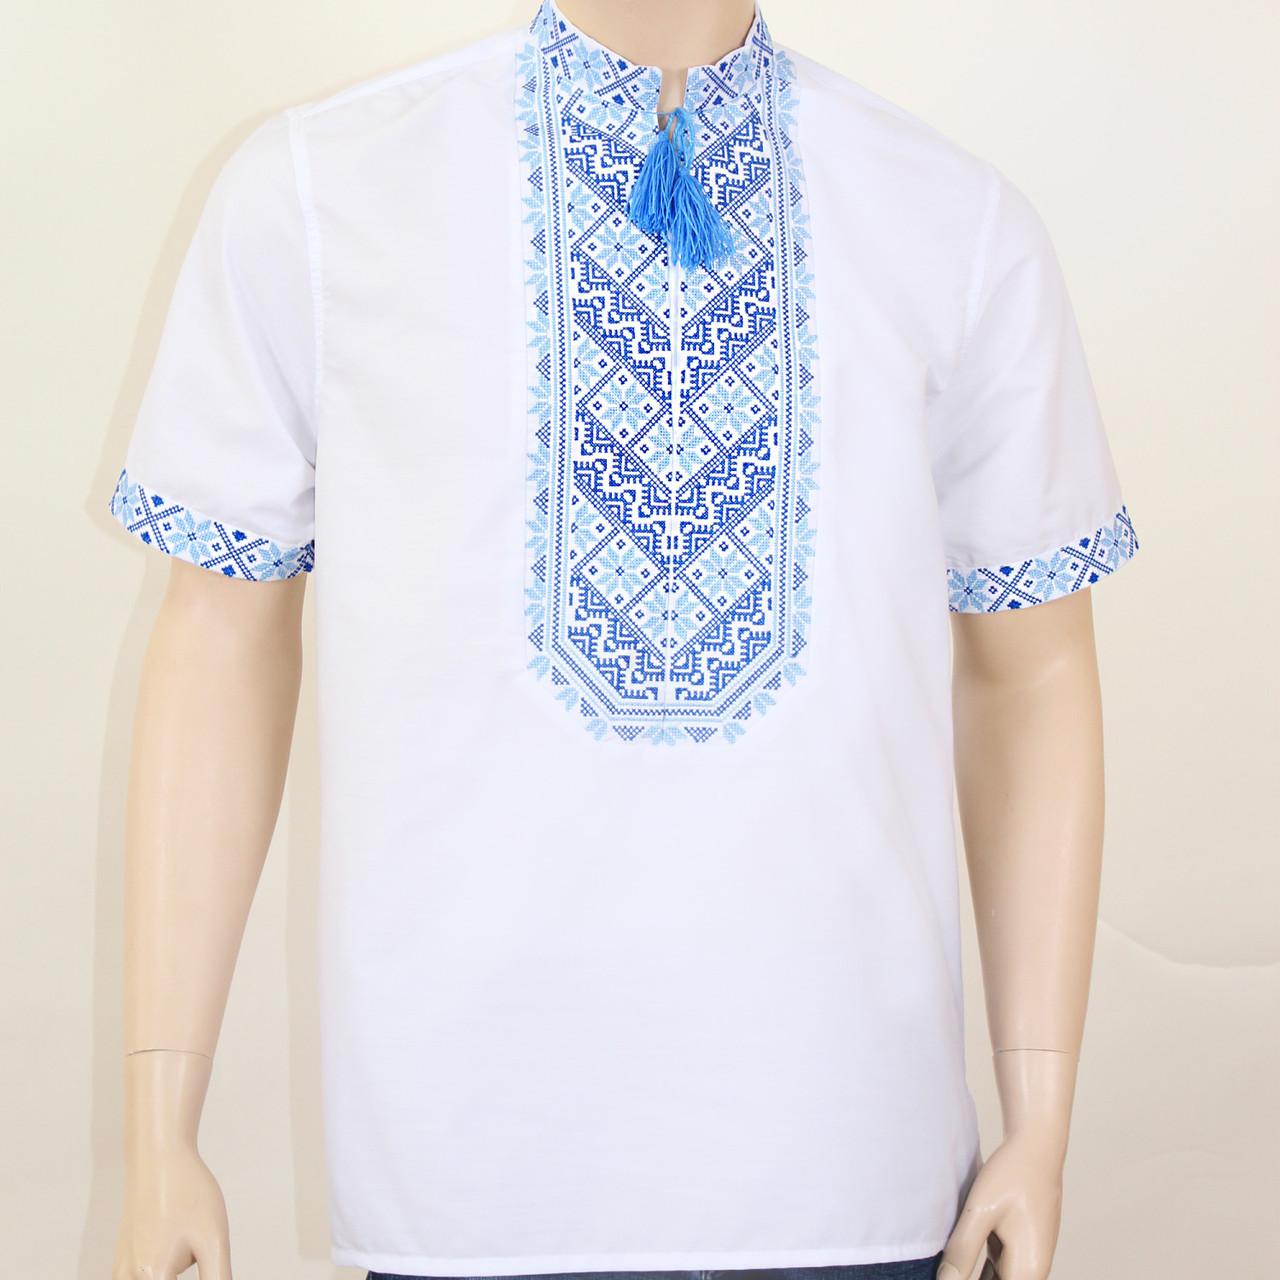 Вышиванка мужская в украинском стиле Николай вышивка сине-голубая